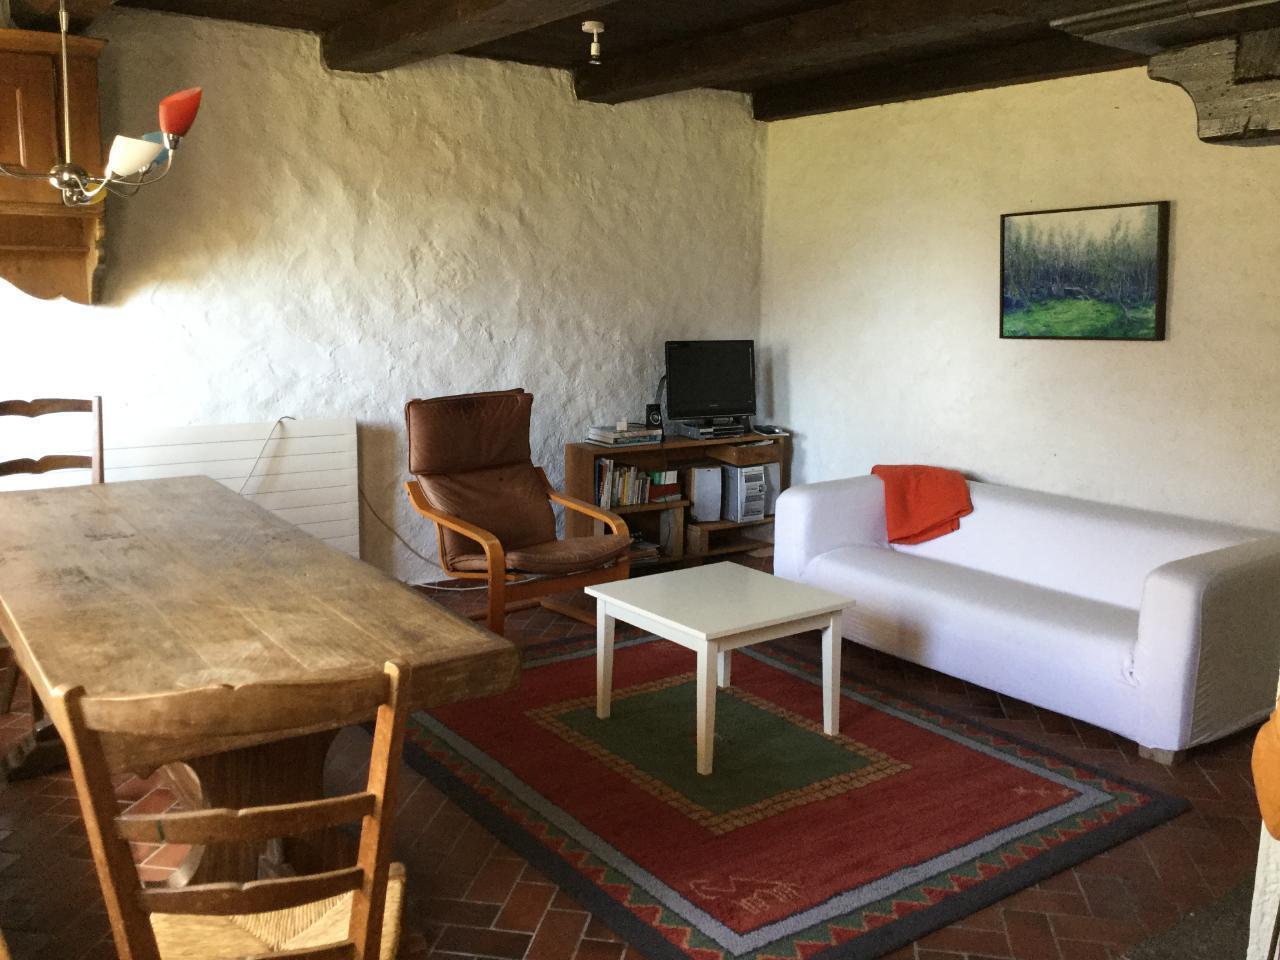 Ferienhaus Traumferienhaus (744814), Cevio, Maggiatal, Tessin, Schweiz, Bild 16